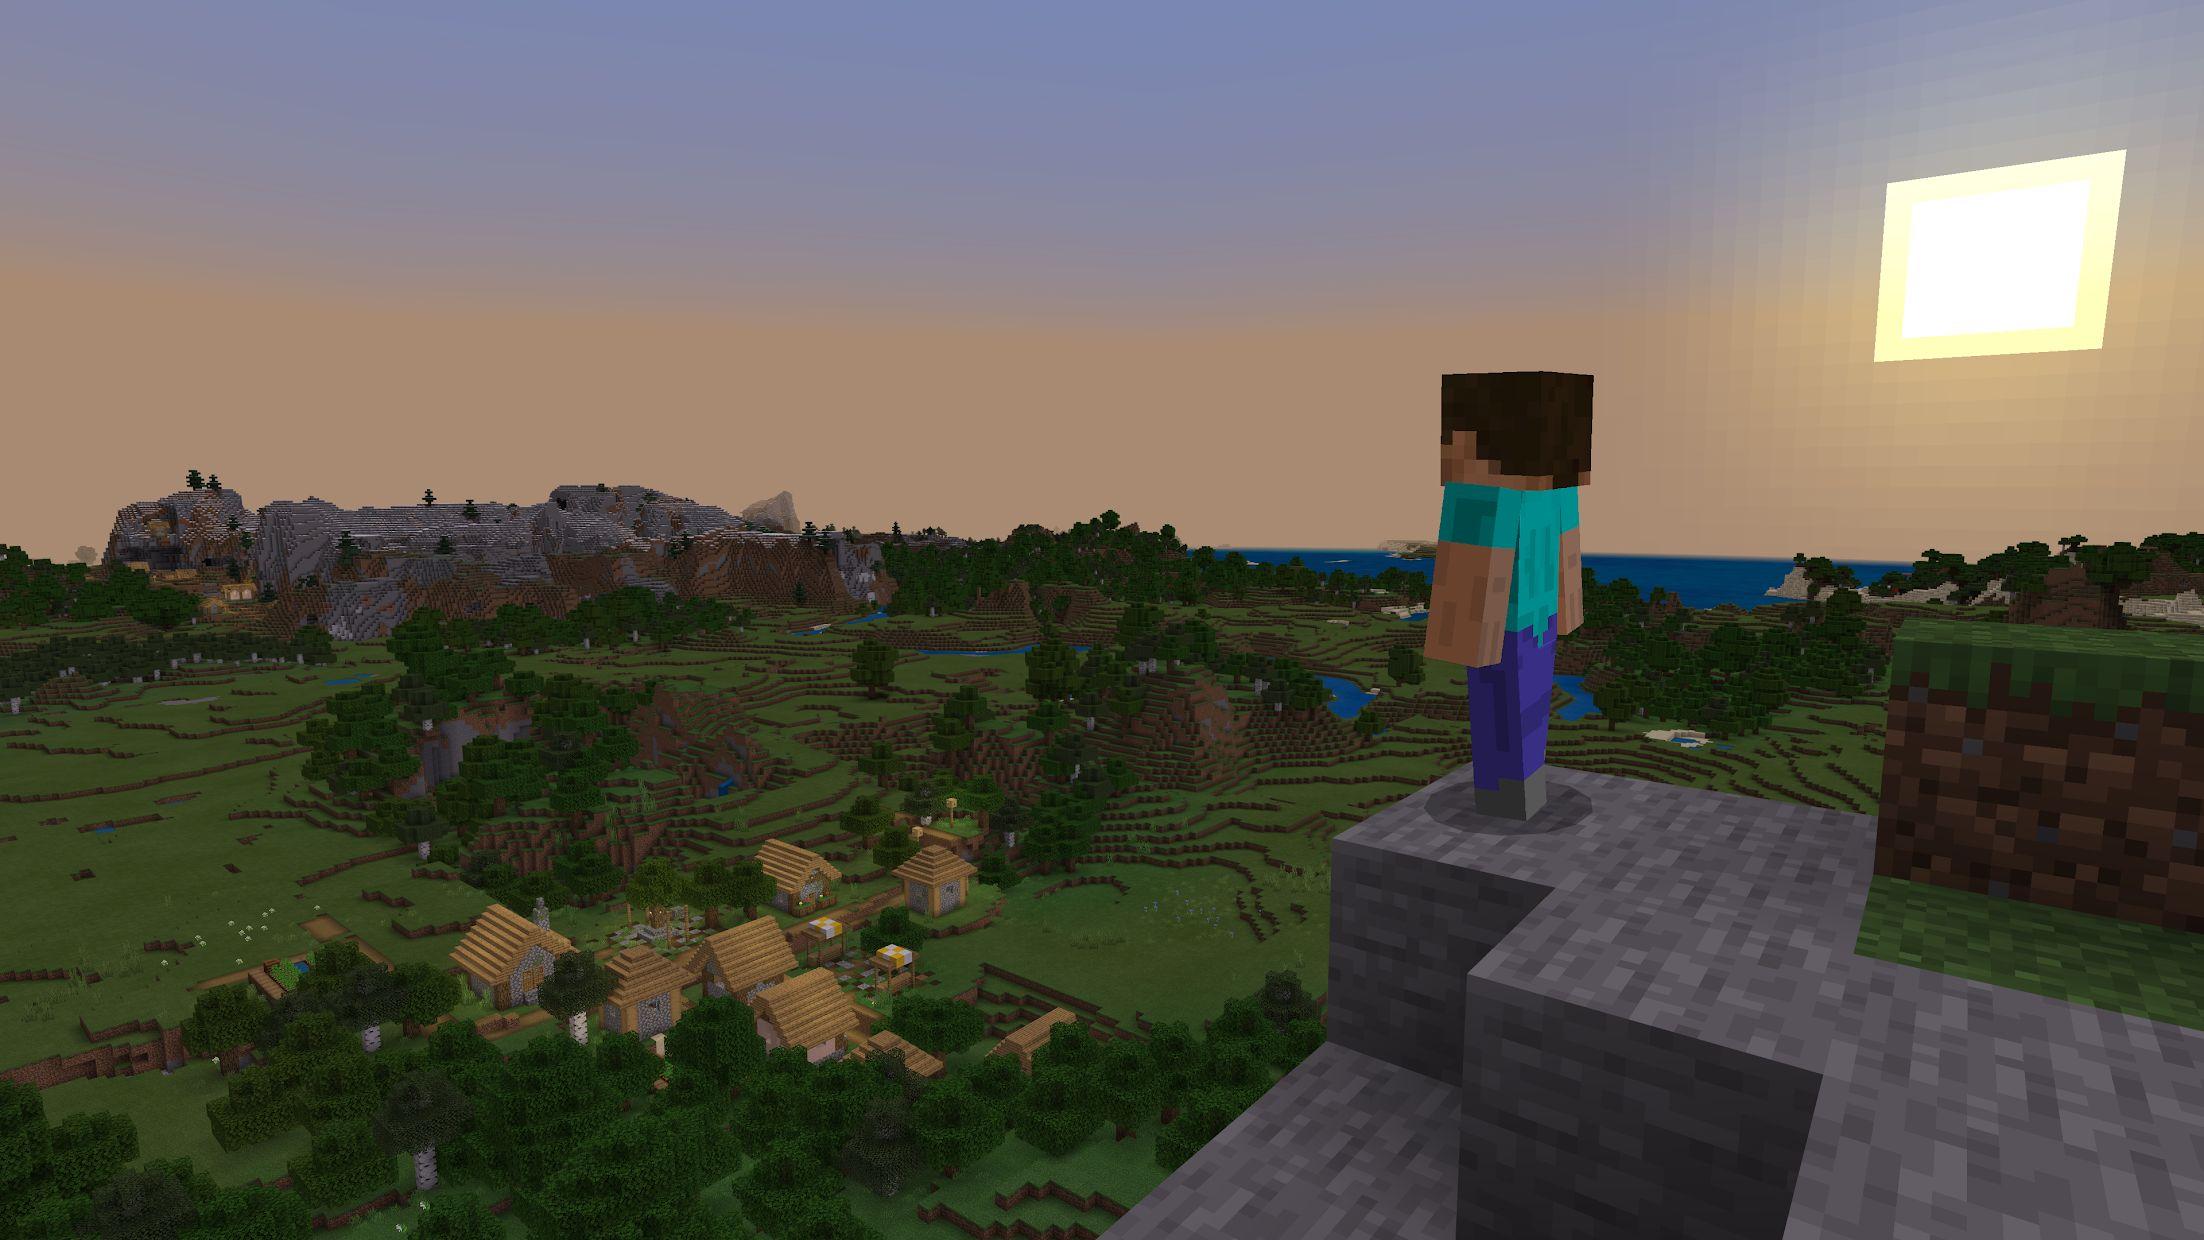 我的世界(国际服 Minecraft) 游戏截图1